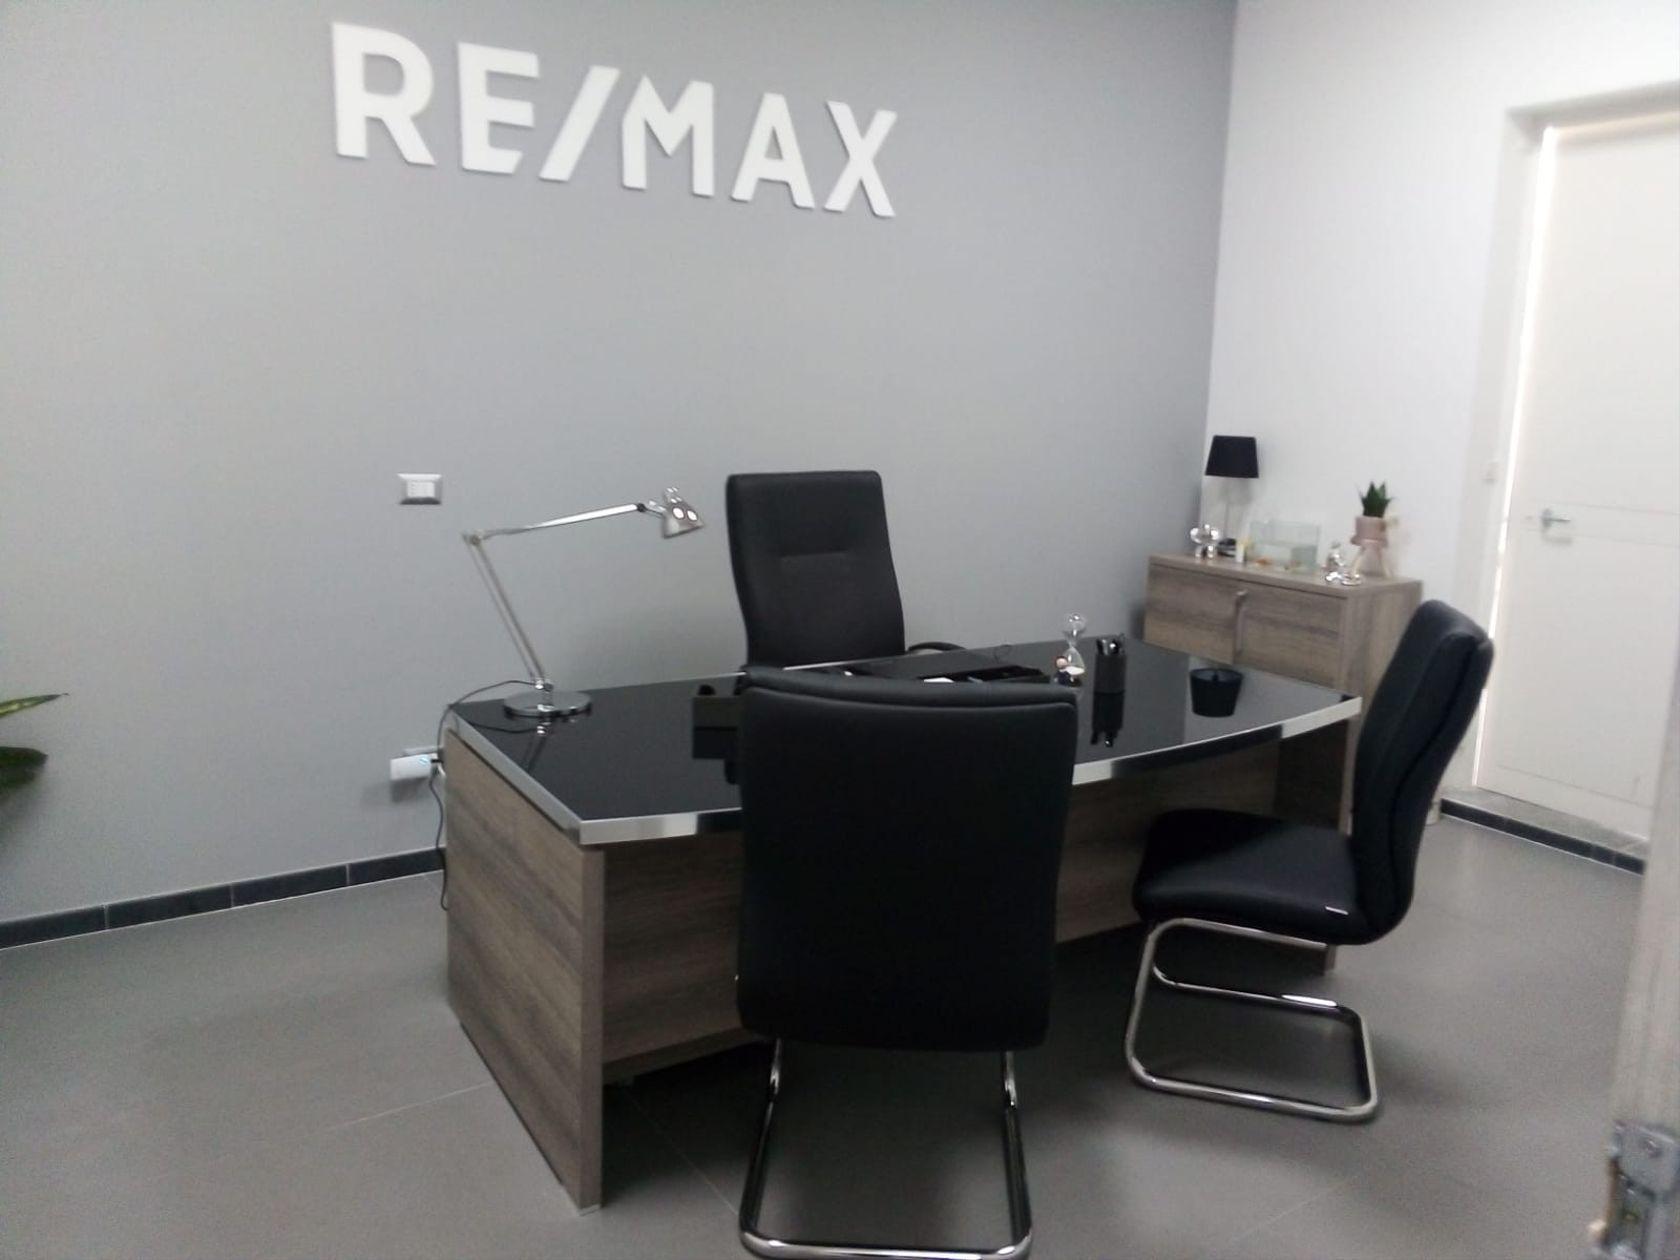 RE/MAX Futuro Casa 2 Caivano - Foto 2